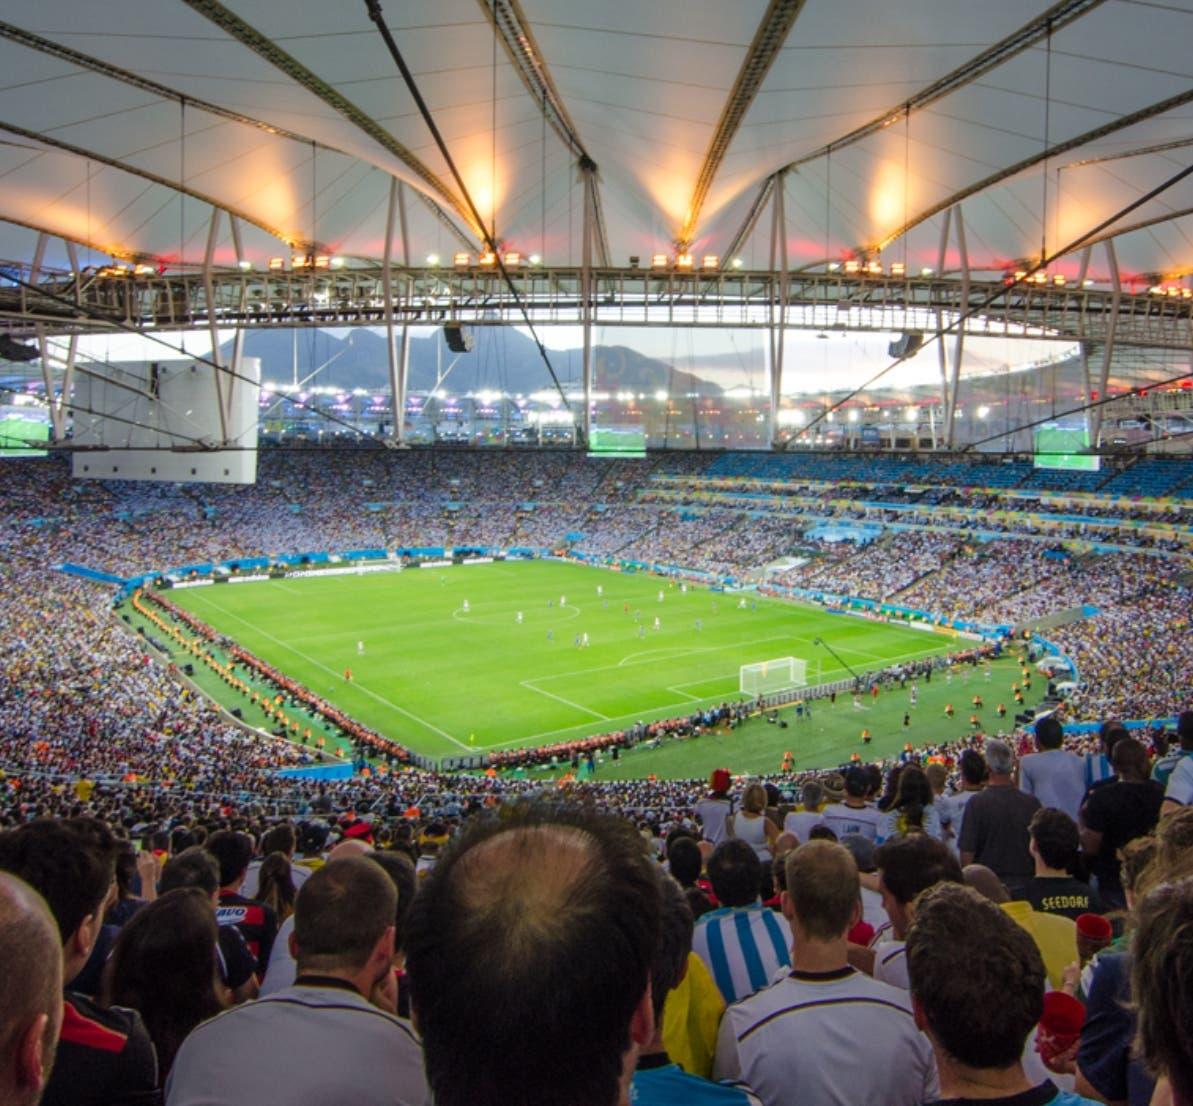 Los reportes señalan que el estadio del mundial de fútbol de brasil fue sobrevaluado.  Ap